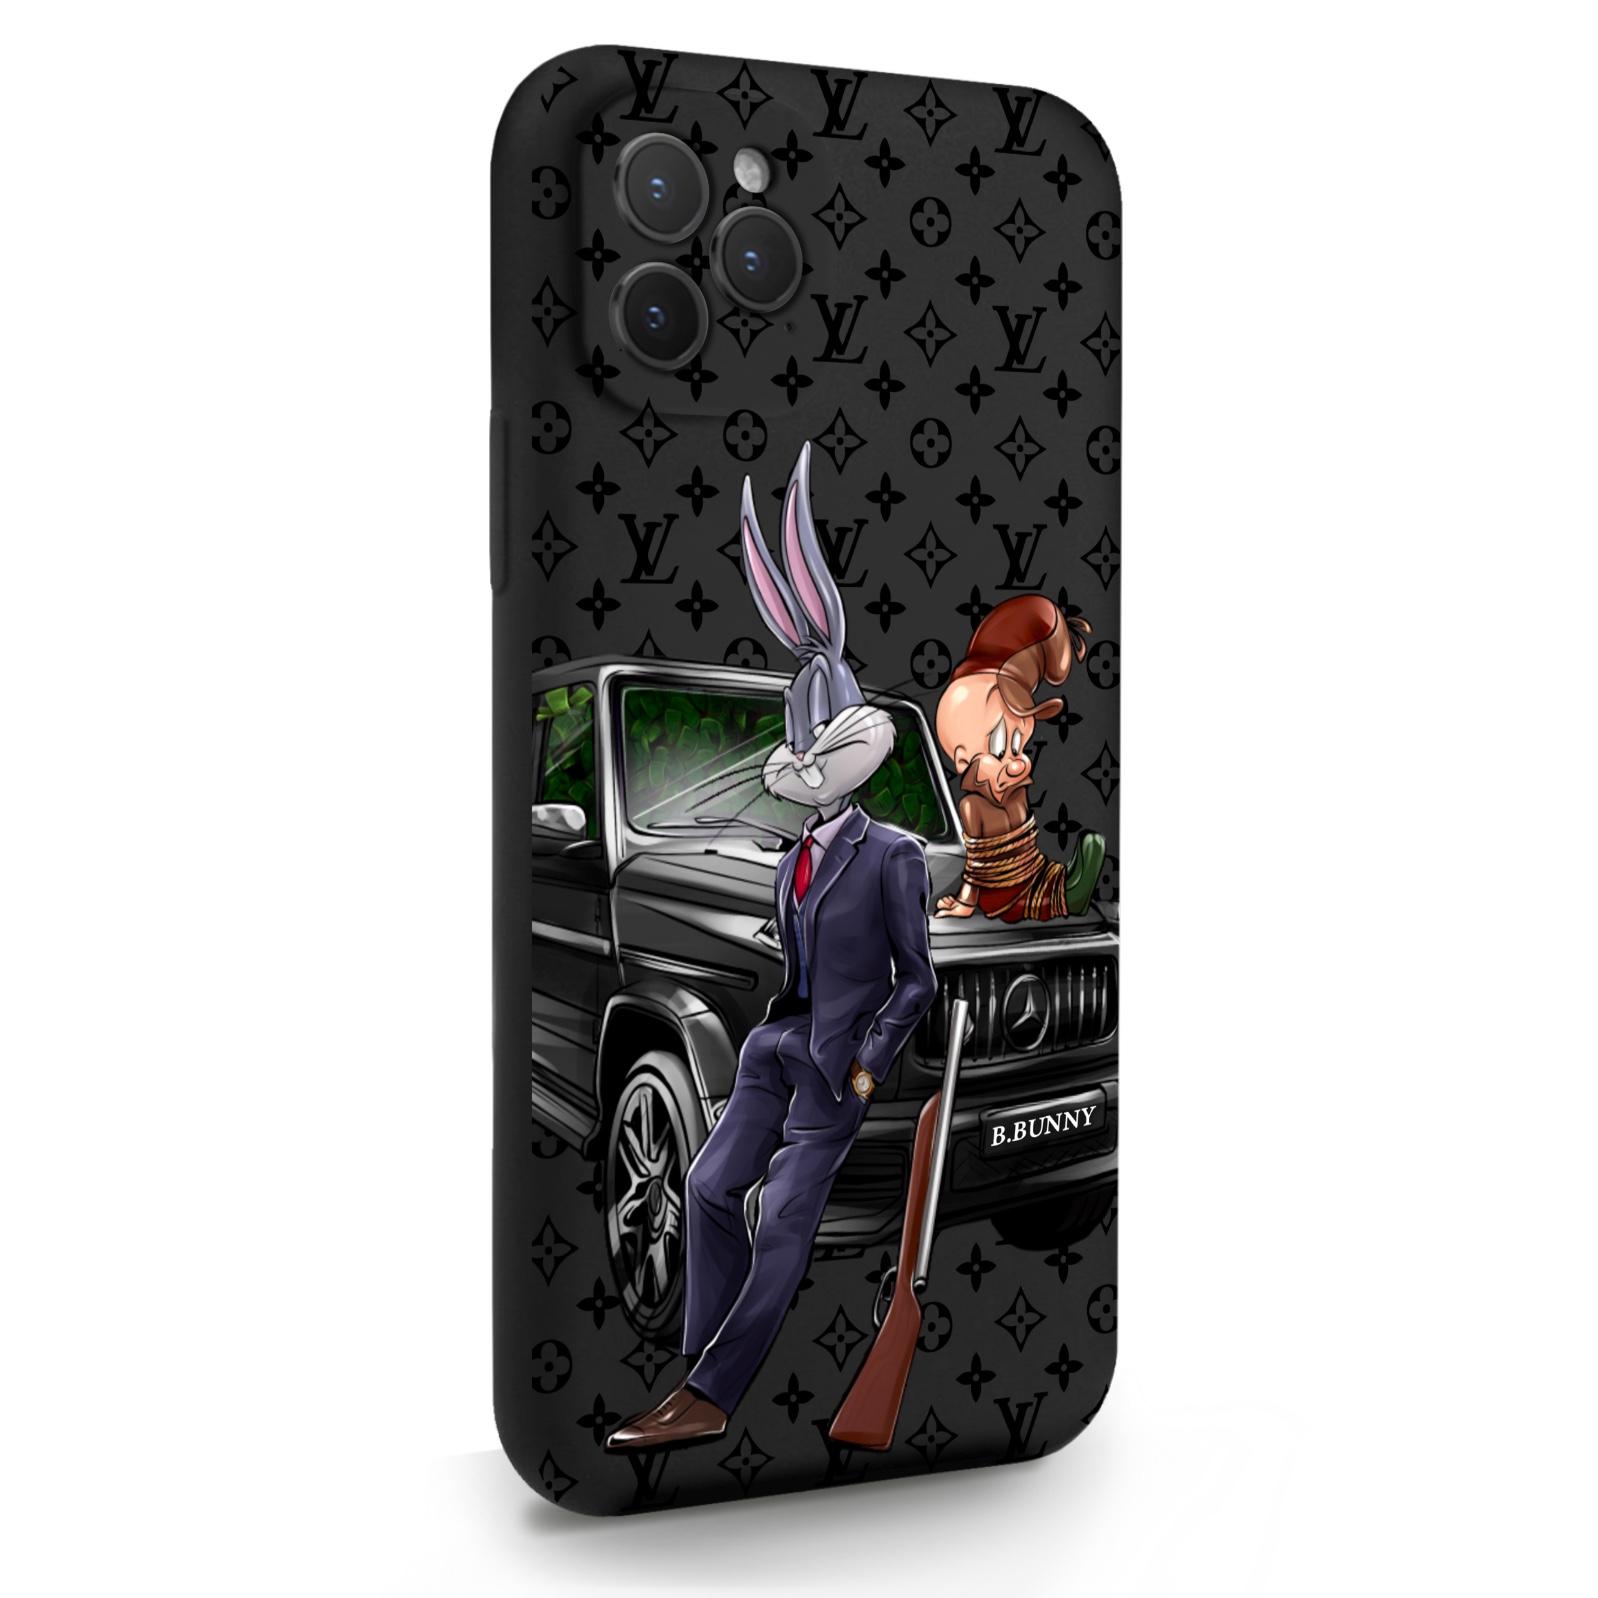 Черный силиконовый чехол для iPhone 11 Pro Мистер Богатый Заяц Бизнес/ Mr. Rich Bunny Business для Айфон 11 Про